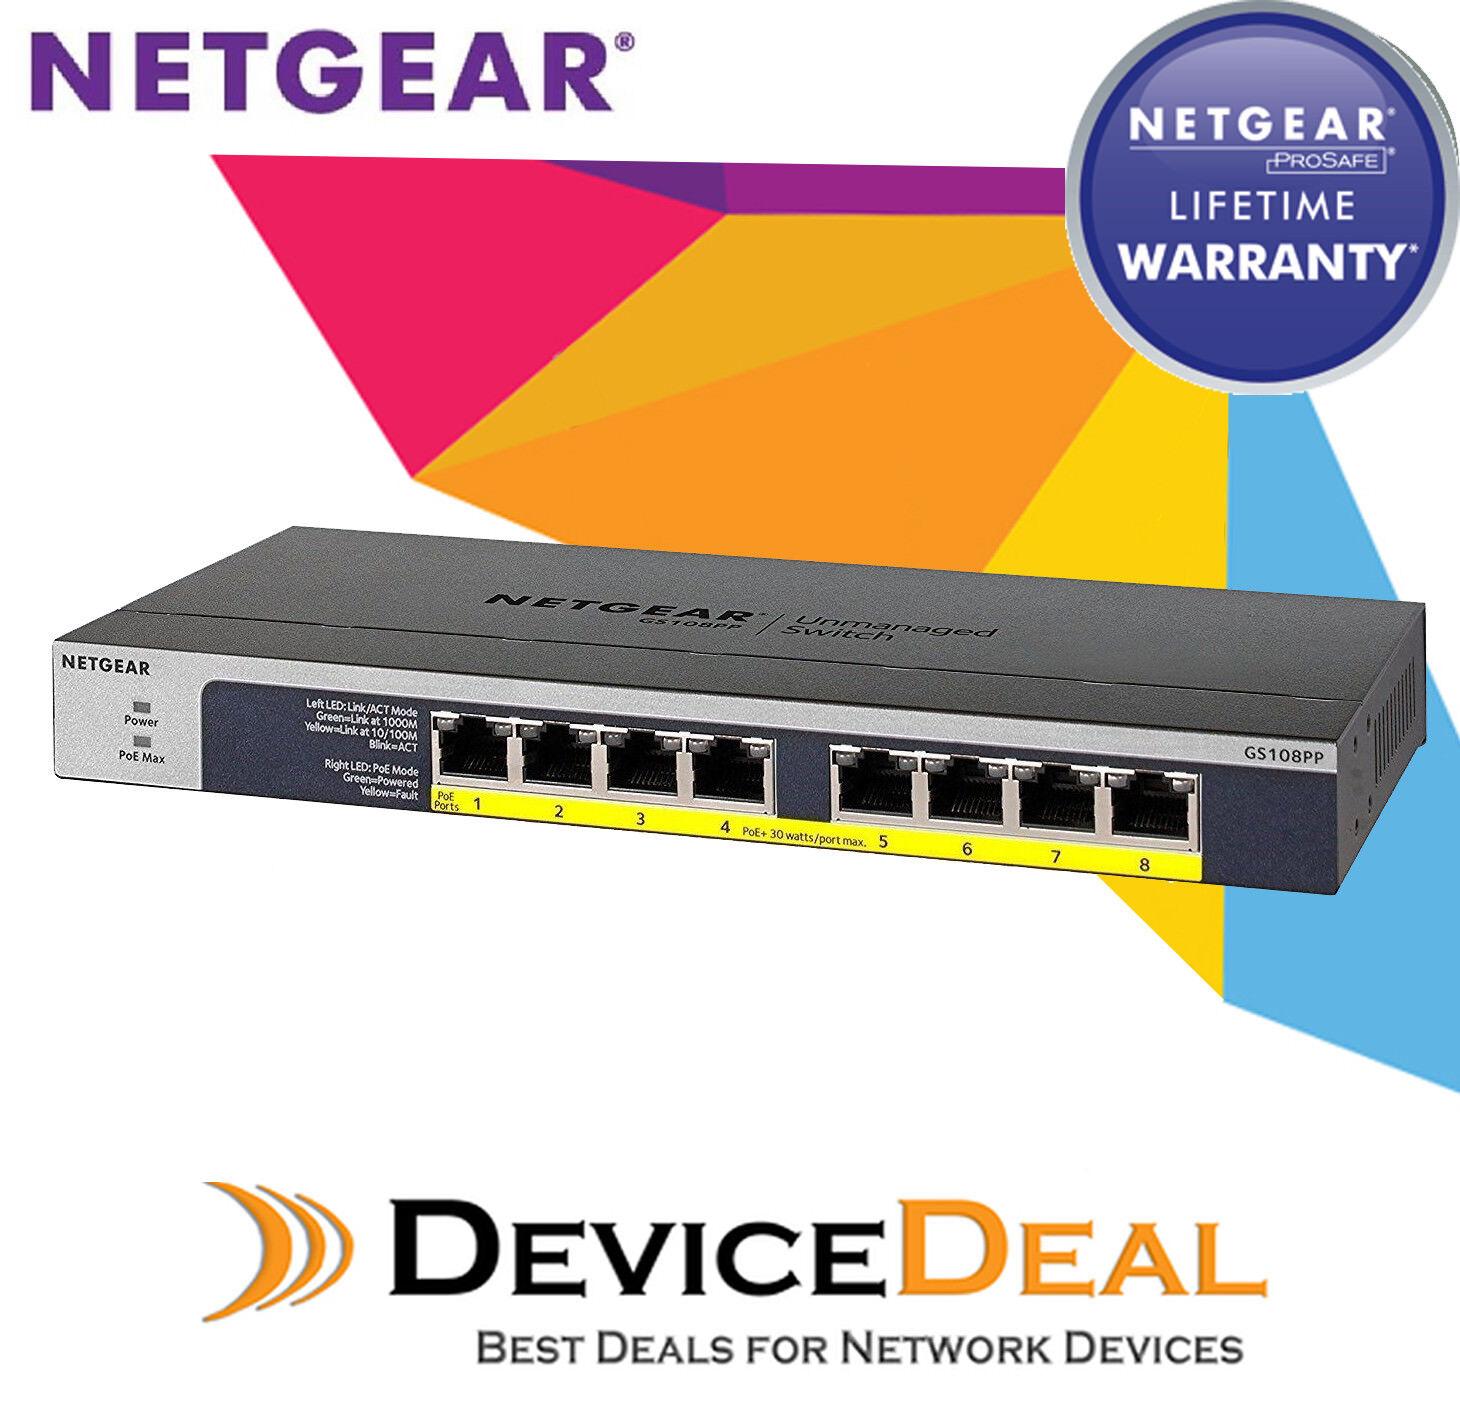 Netgear GS108PP ProSAFE 8 port POE POE+ Gigabit Ethernet